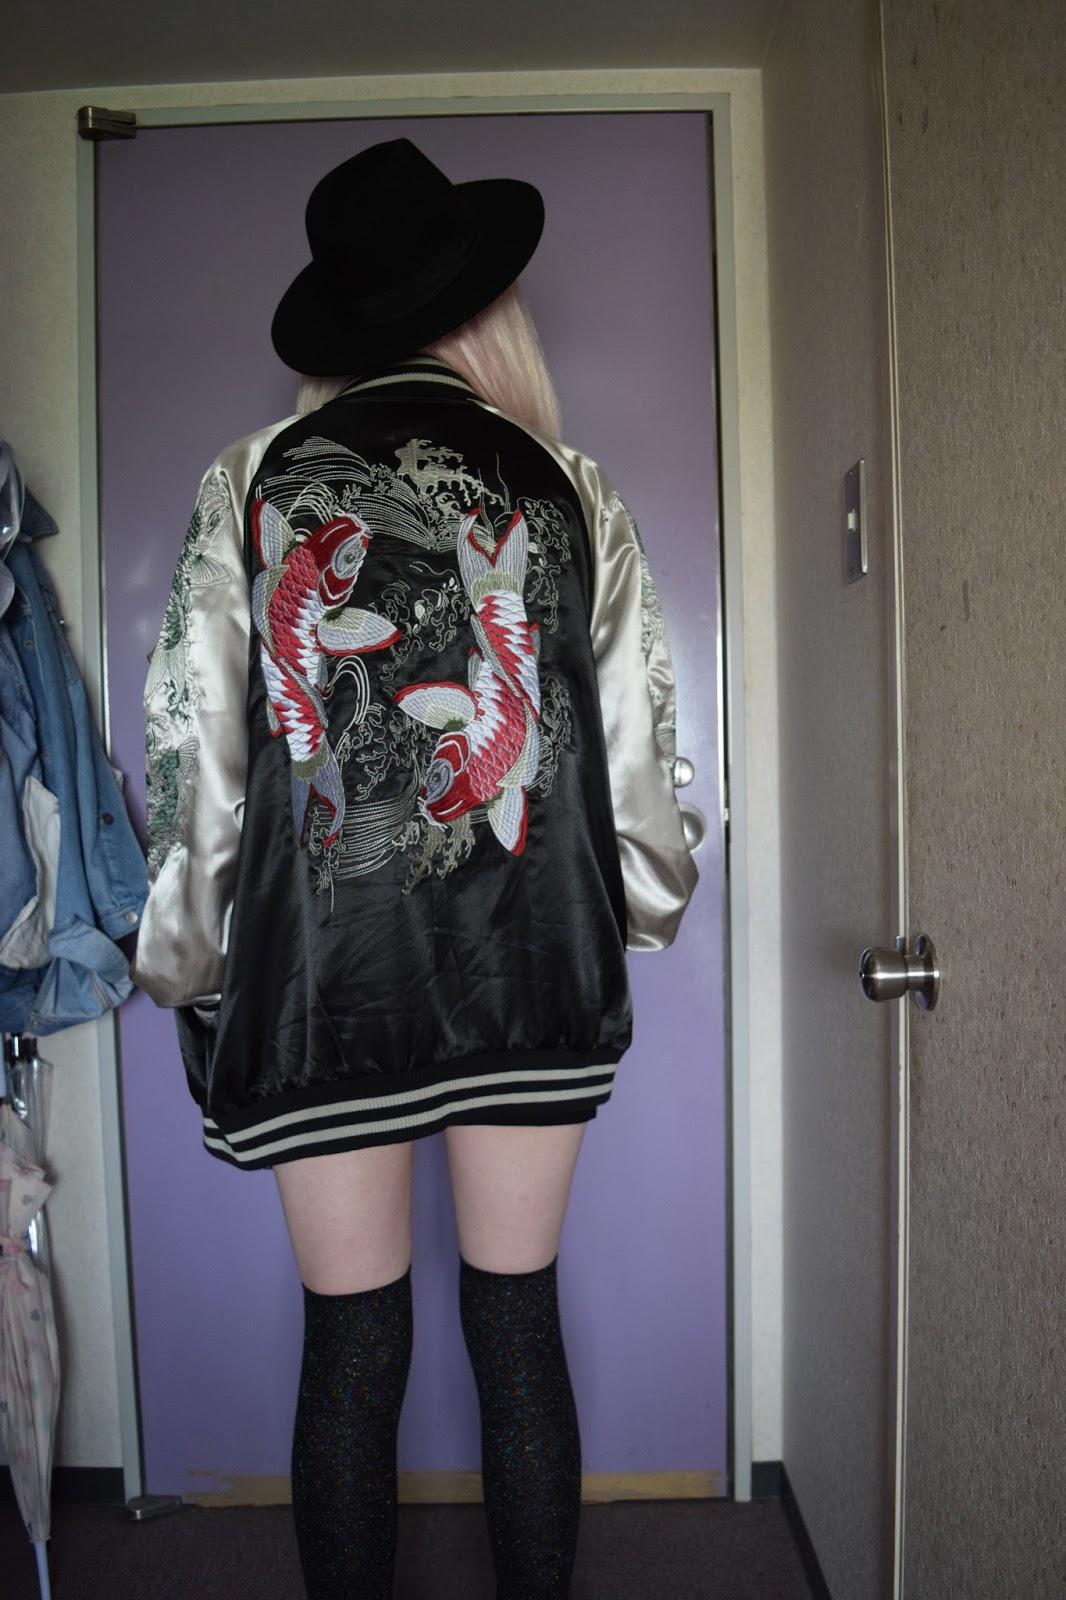 Souvenir jacket jfashion OOTD